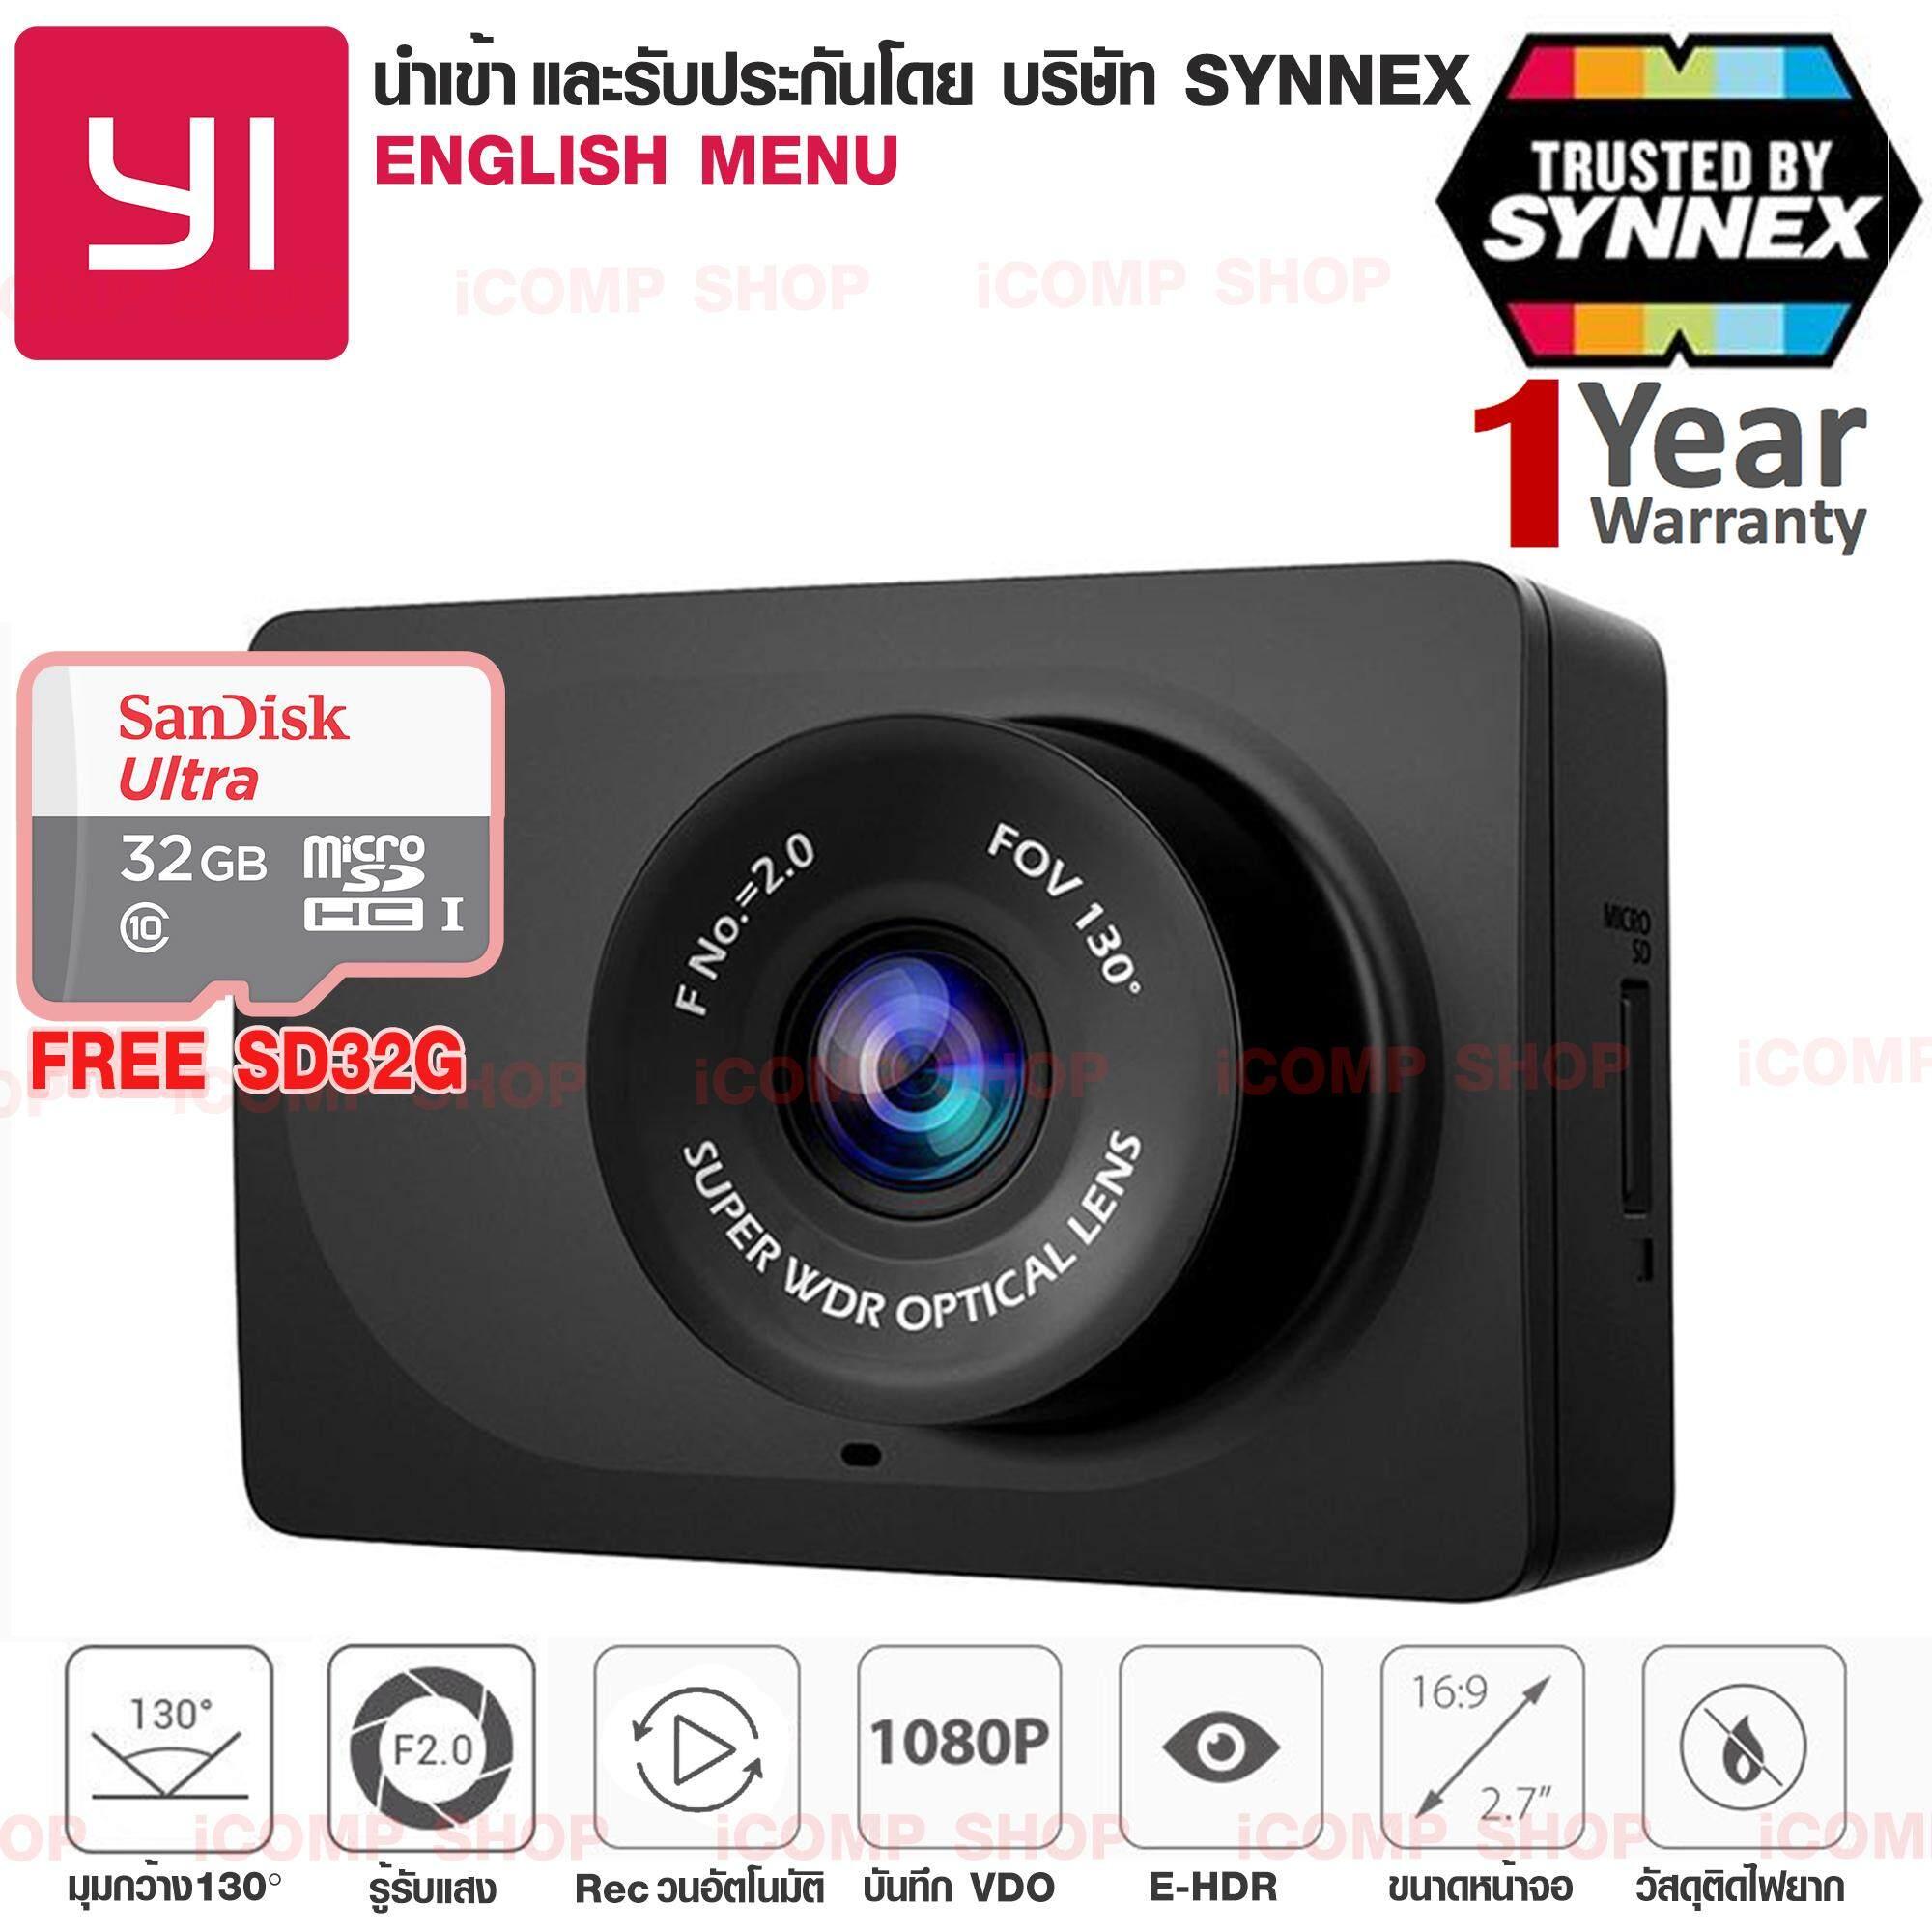 Xiaomi Yi Dash Cam 130° กล้องติดรถยนต์ 1080P Wi-Fi+ Sandisk MicroSD 32GB (ประกัน SYNNEX)  - 123dd8ae75ea1676178f90a61a446b88 - กล้องติดรถยนต์หน้า-หลัง Super Full HD PlatinumII Dual ตอนกลางคืน – กล้องหลัง